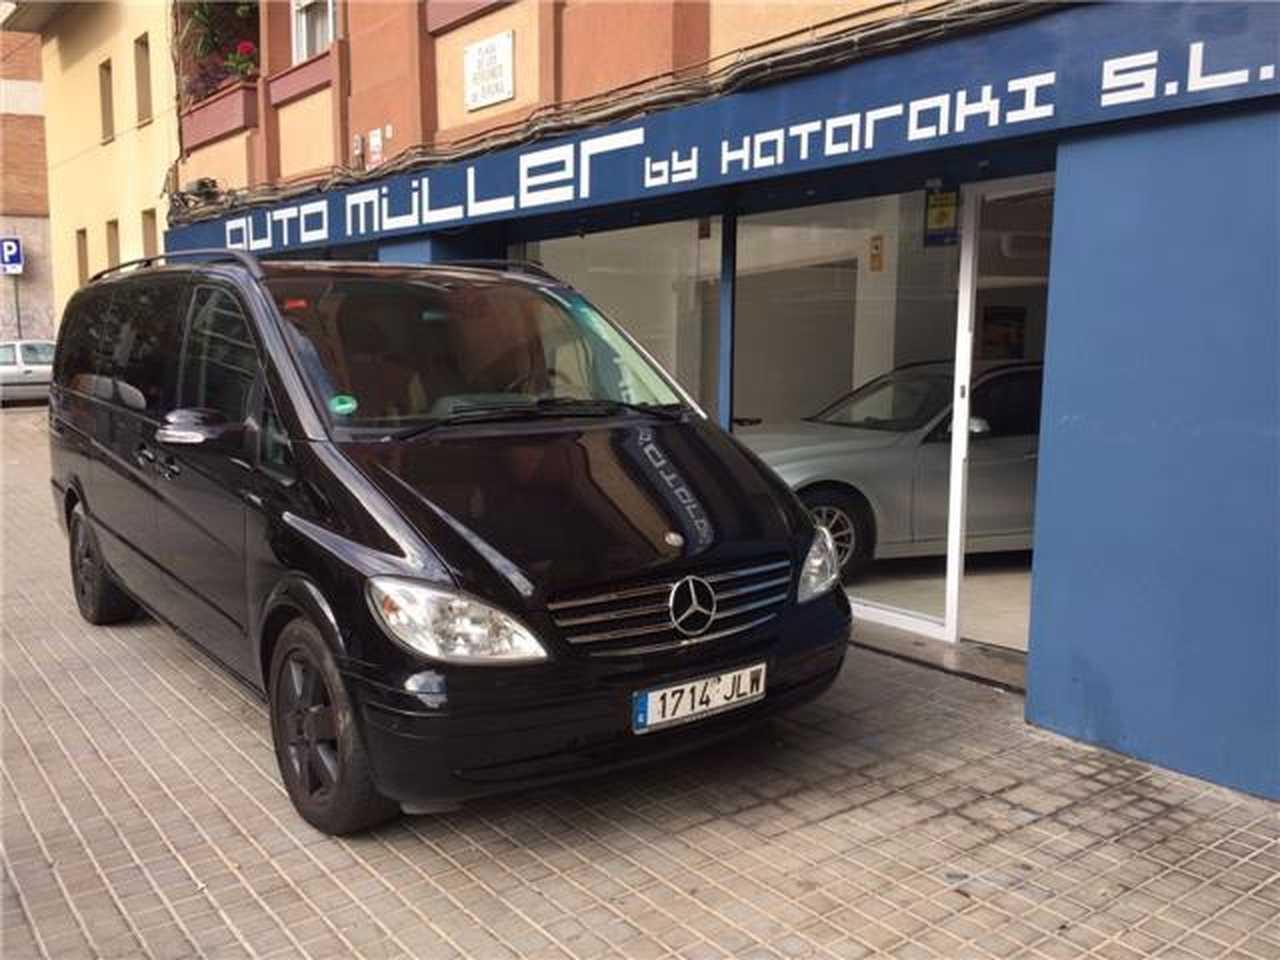 Mercedes Viano 2.2 CDI Trend Larga 7 plazas / Automática  - Foto 1